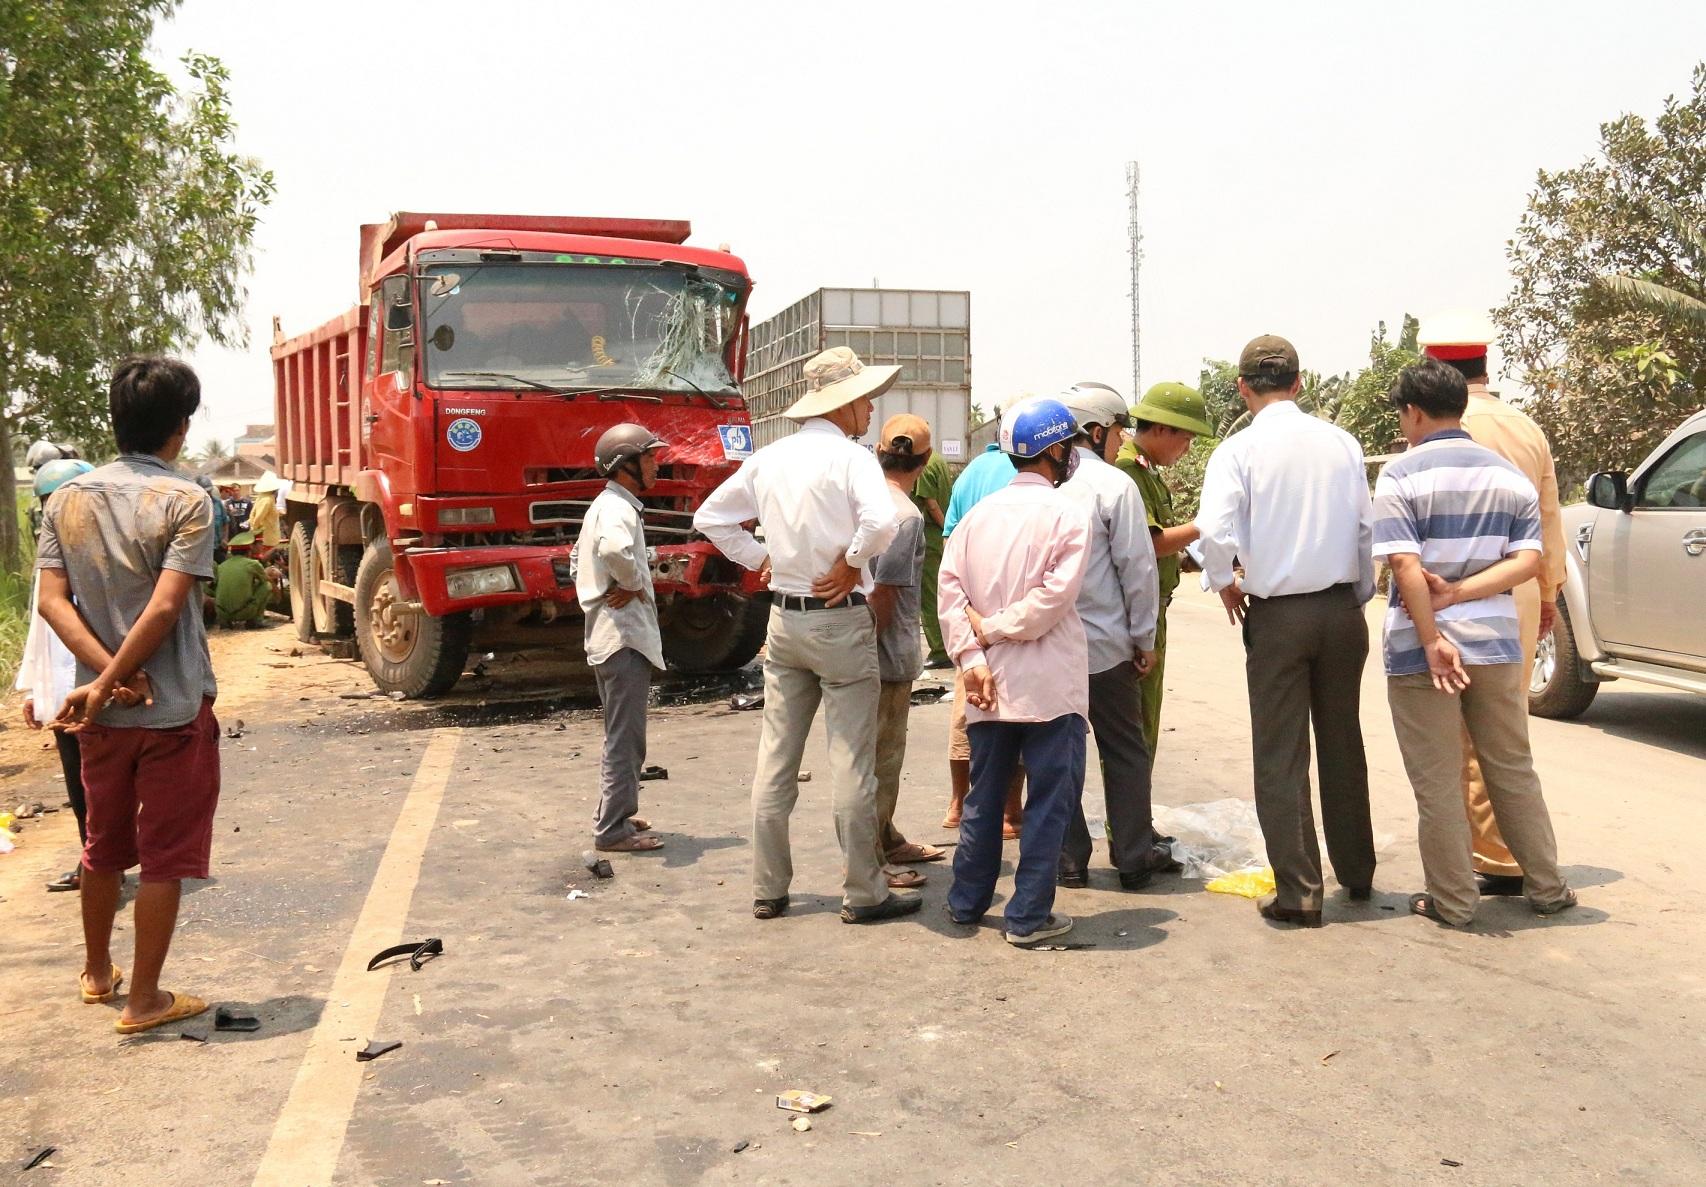 Hiện trường vụ tai nạn kinh hoàng khiến 11 người thương vong xảy ra ngày 3/5 tại Quảng Ngãi.